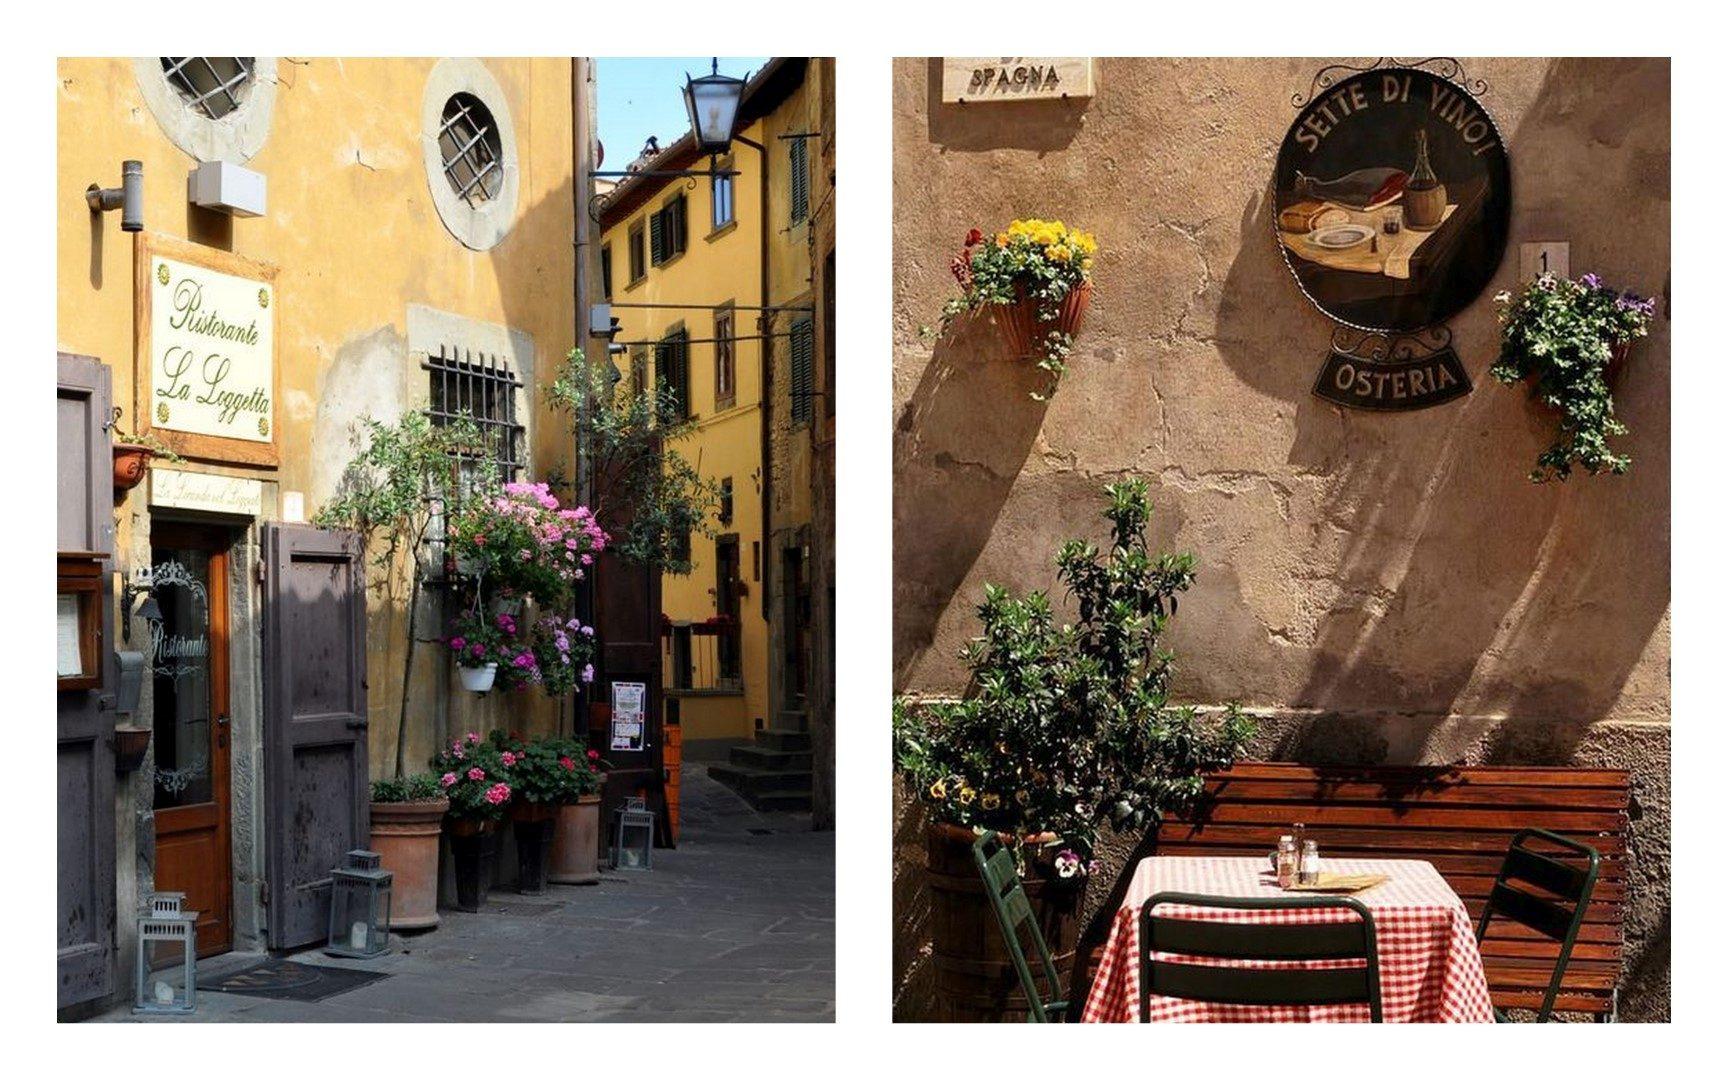 ,nászút,toszkána,úticél,last minute nászút,last minute úticél,olaszország,napsütötte toszkána,